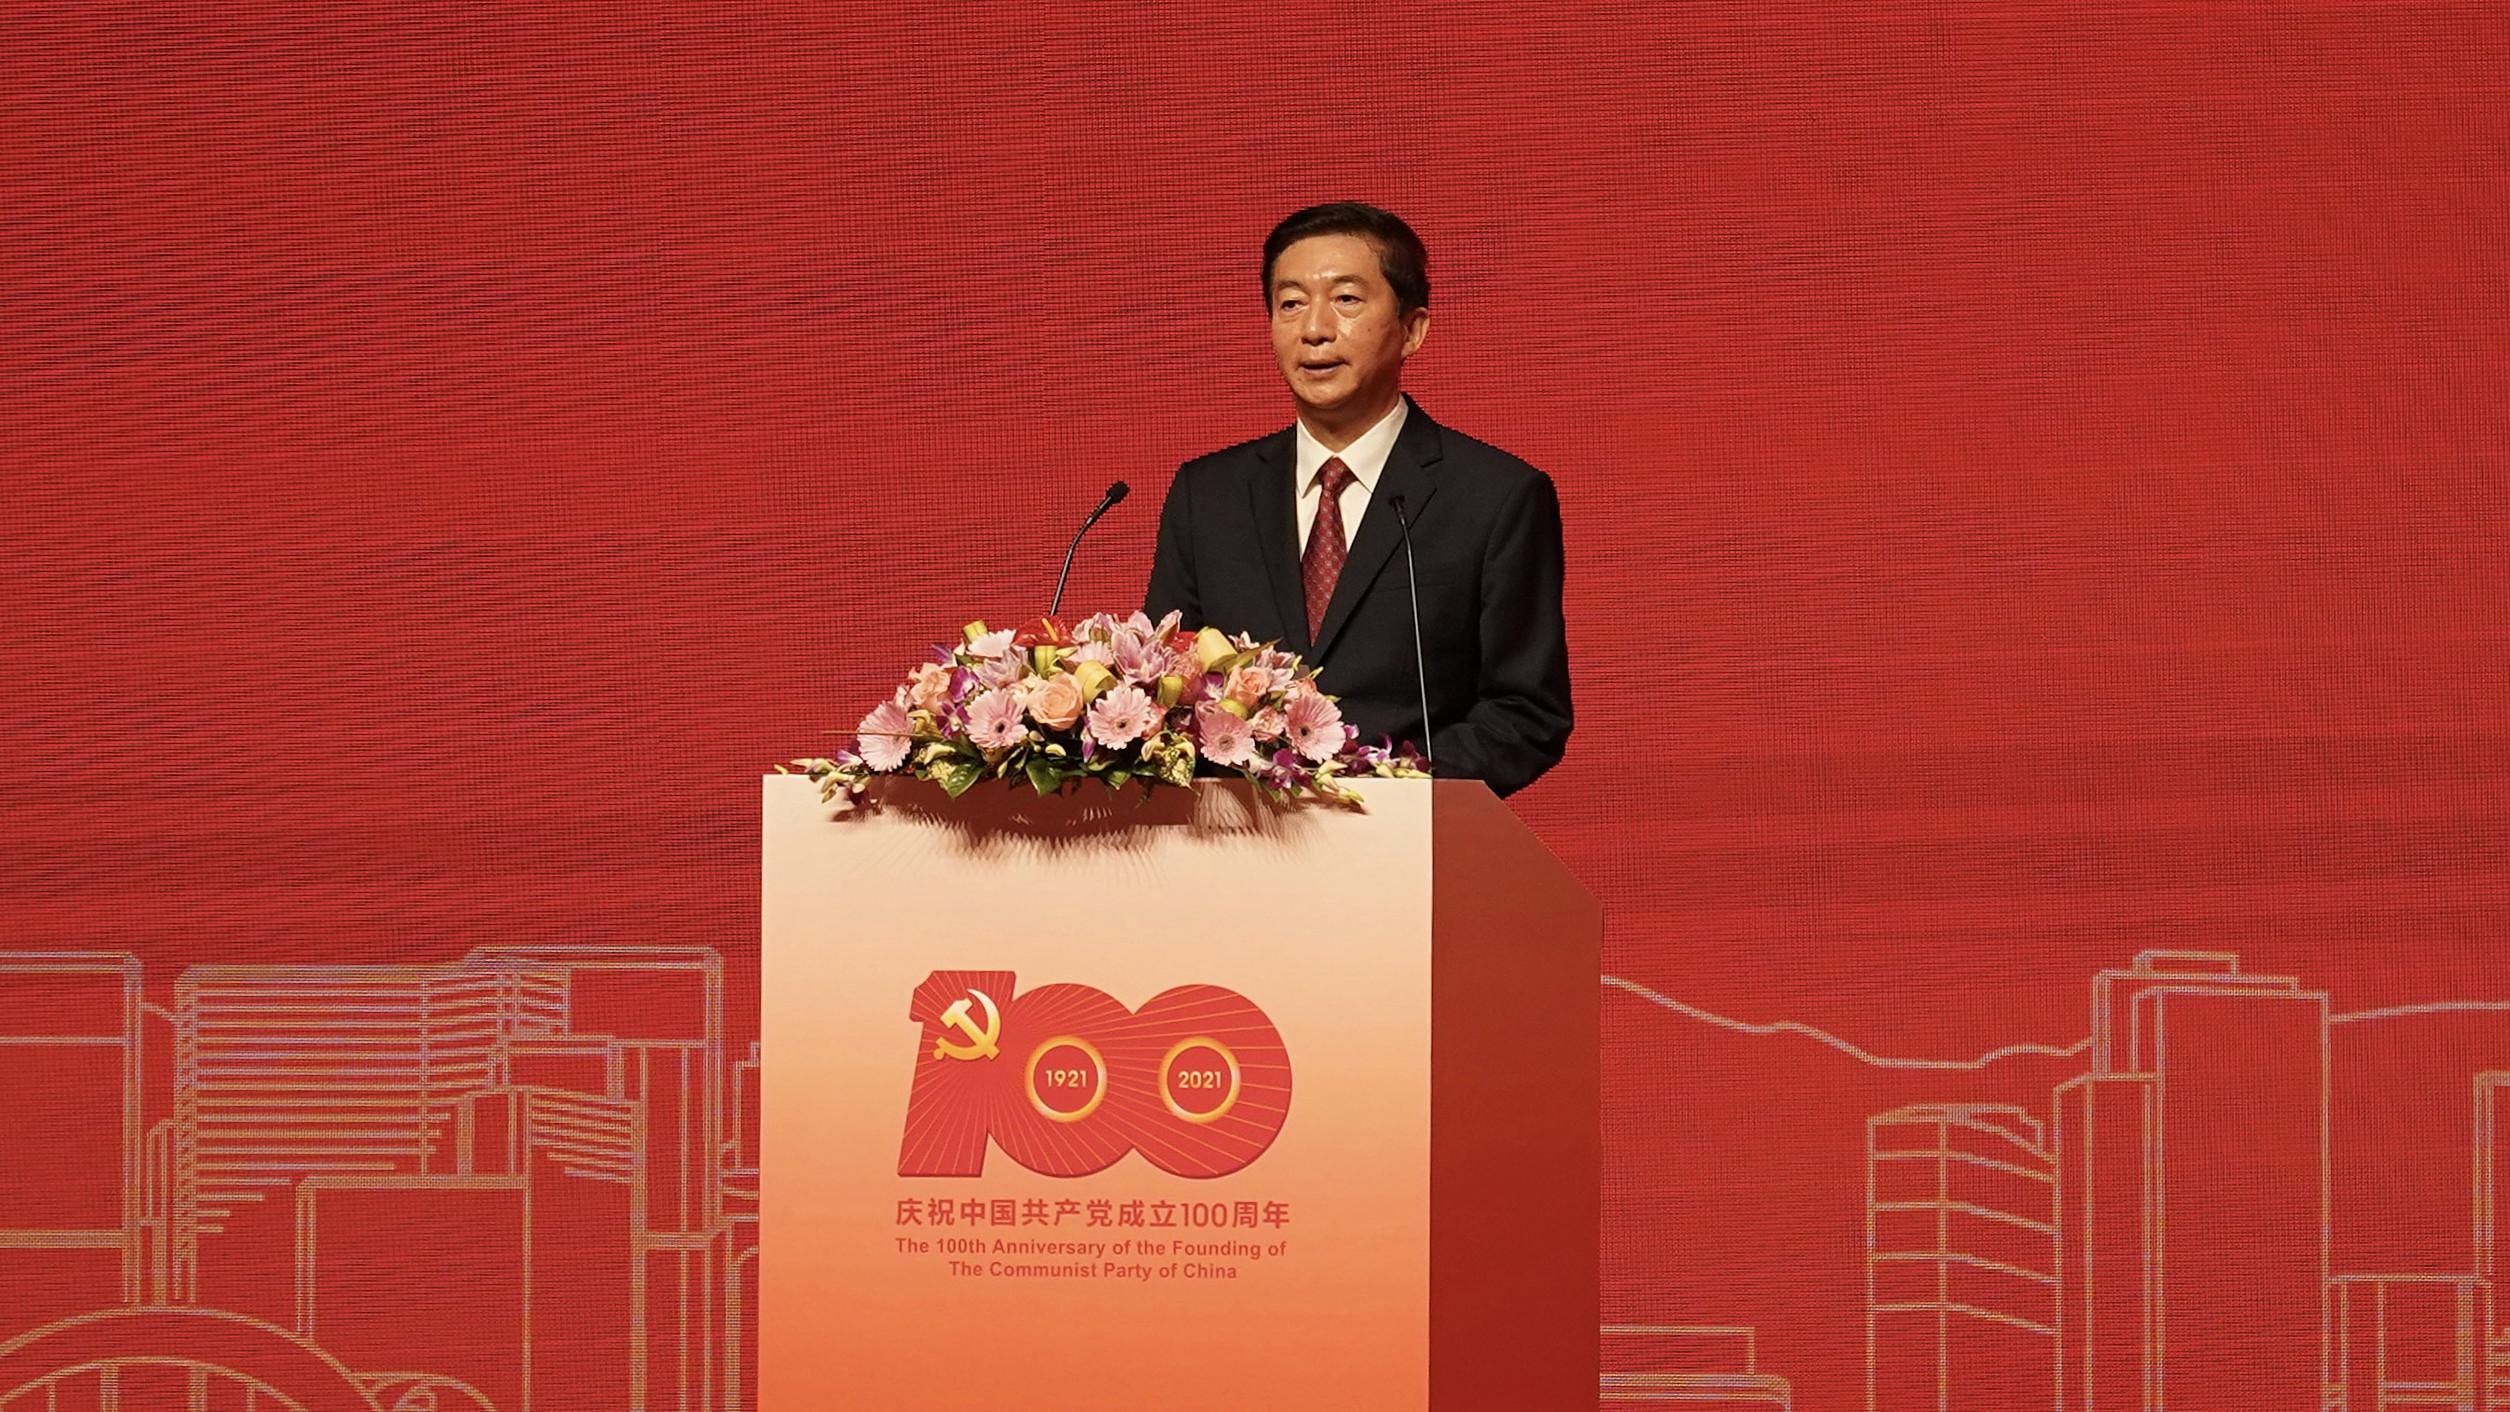 【有片】駱惠寧:維護中國共產黨領導 就是維護「一國兩制」